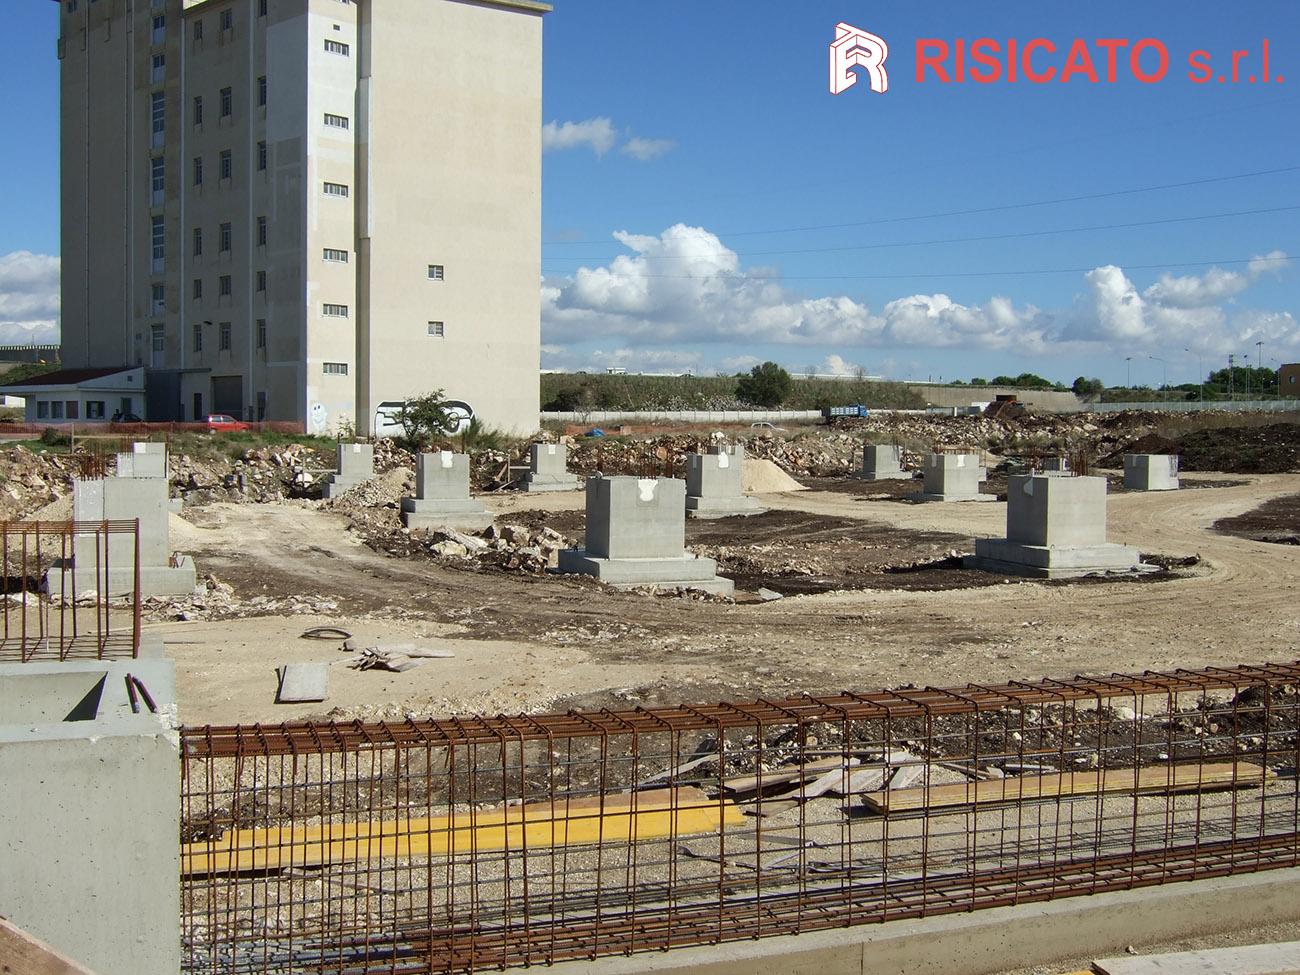 Edilizia industriale - Impresa Edile Catania - Risicato s.r.l.Impresa Edile Catania – Risicato s ...